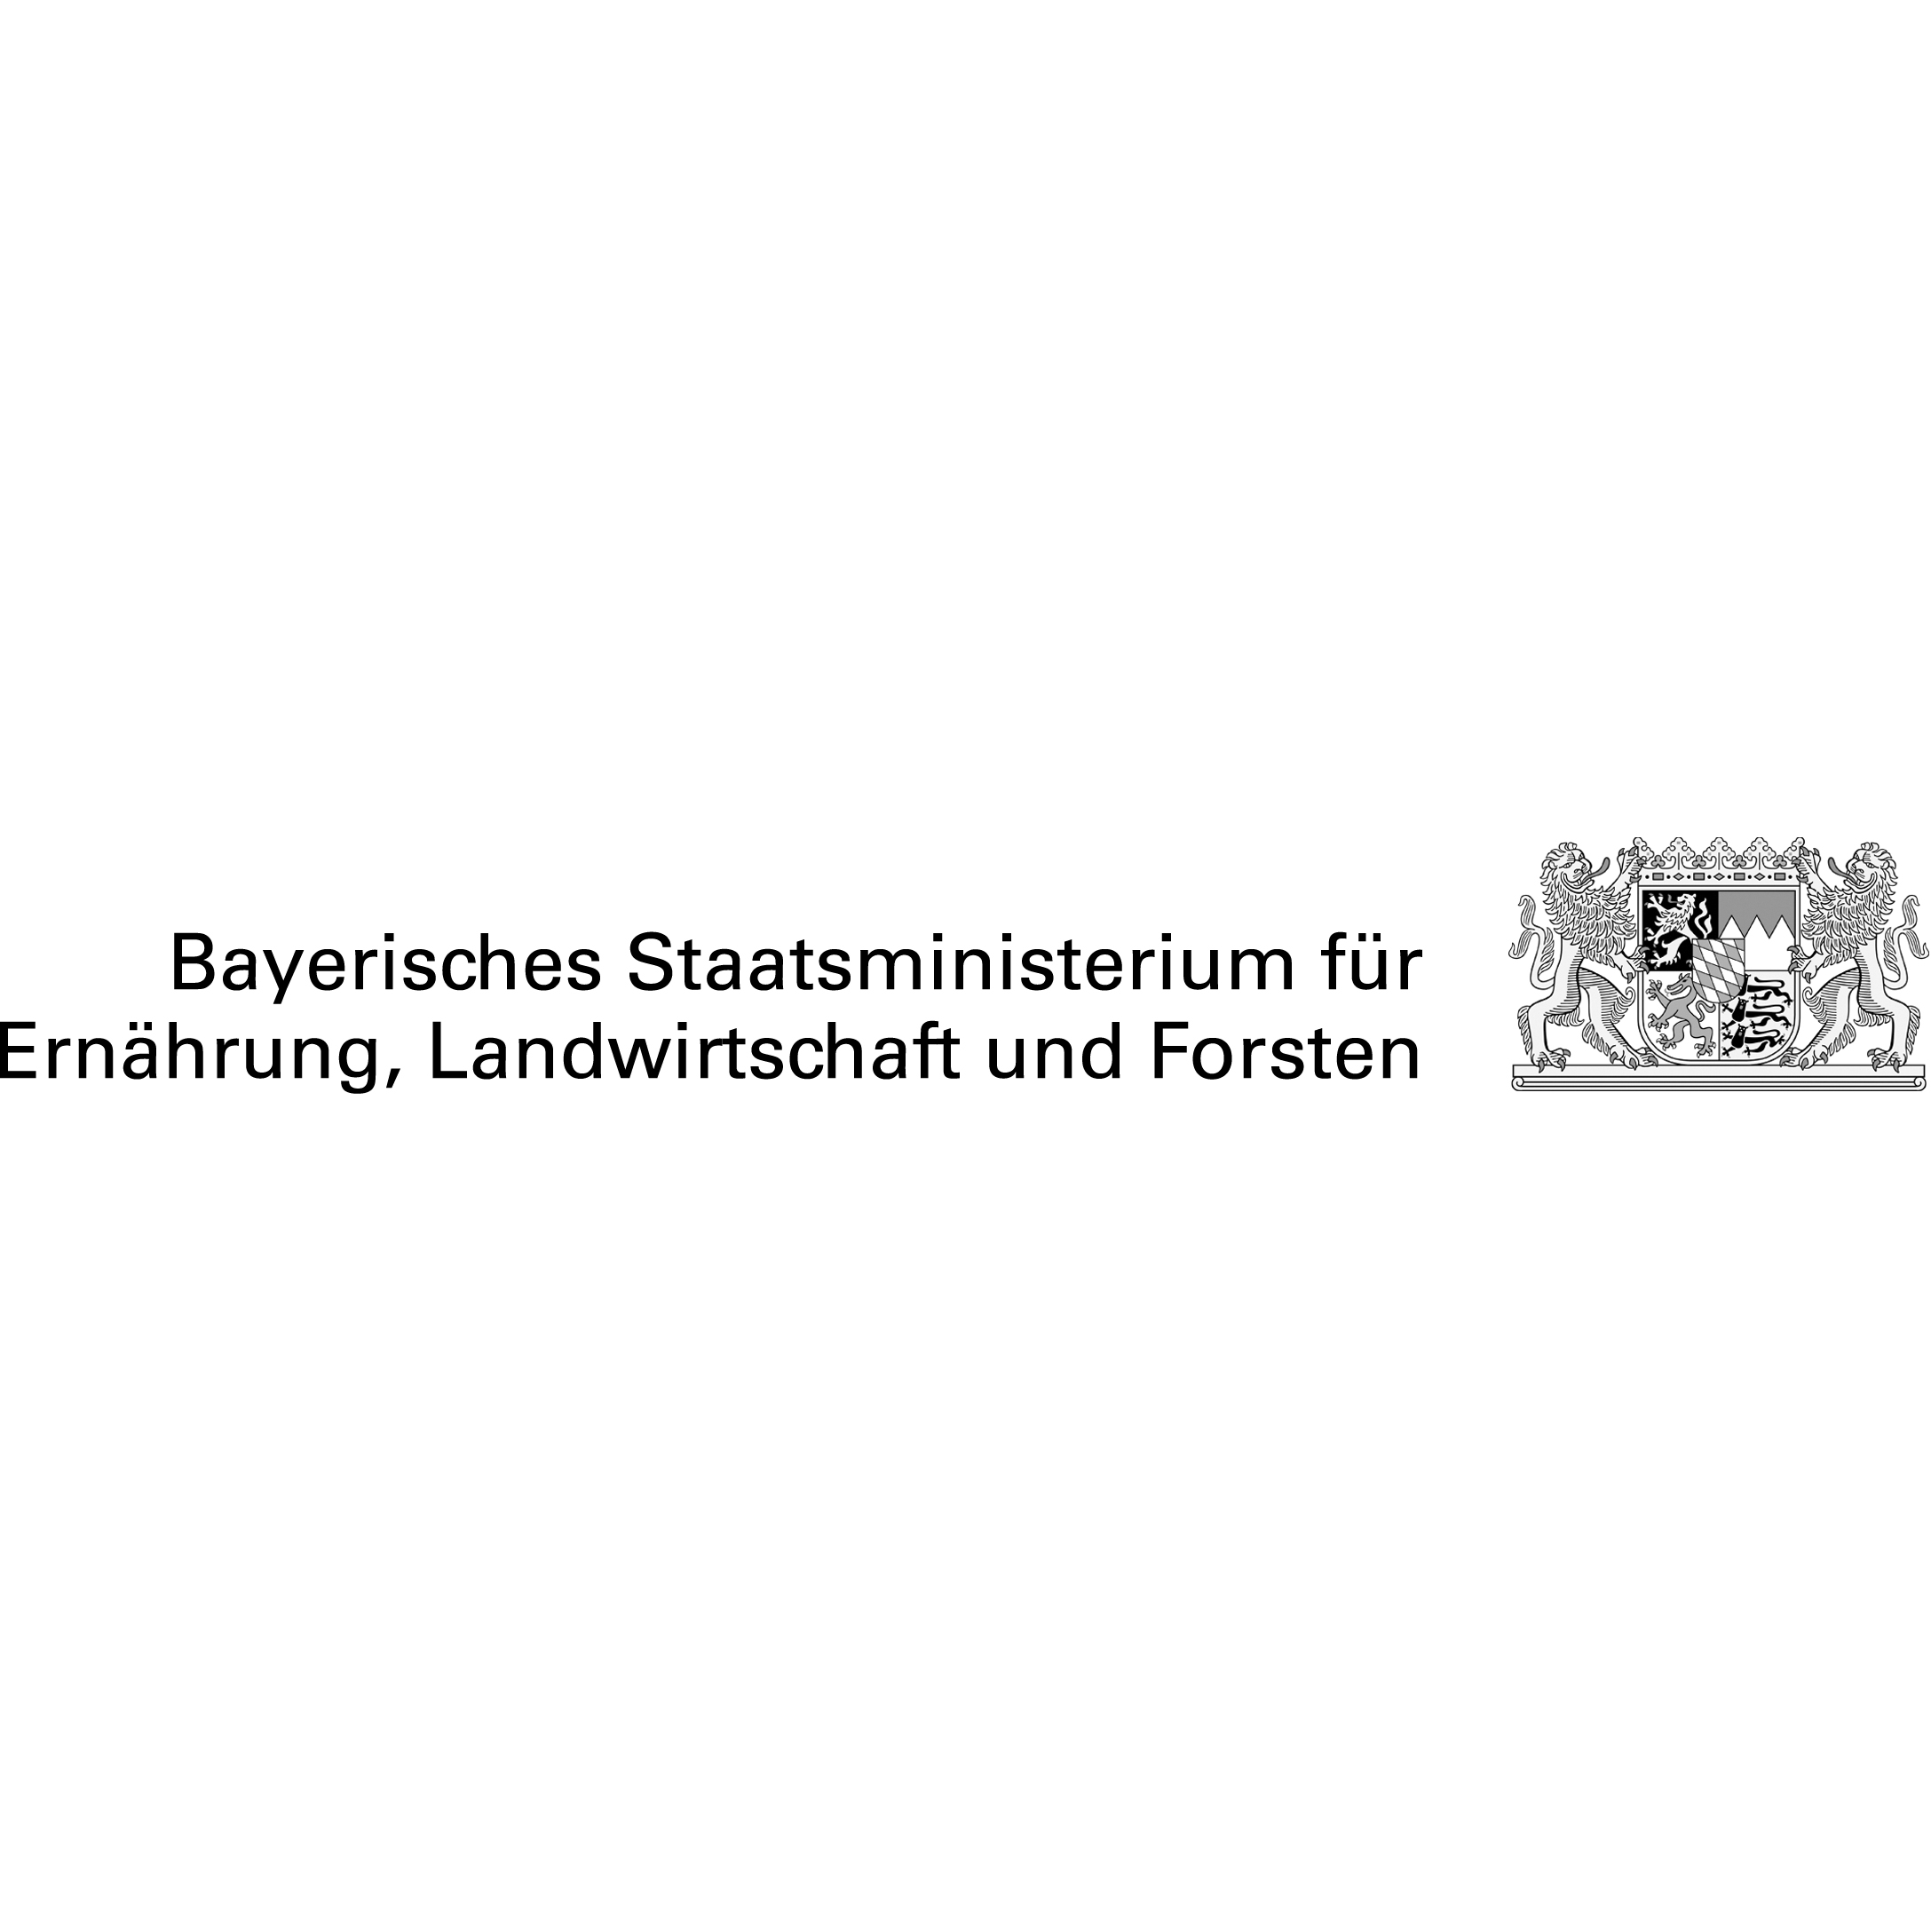 Bayrisches Staatsministerium_SW.jpg